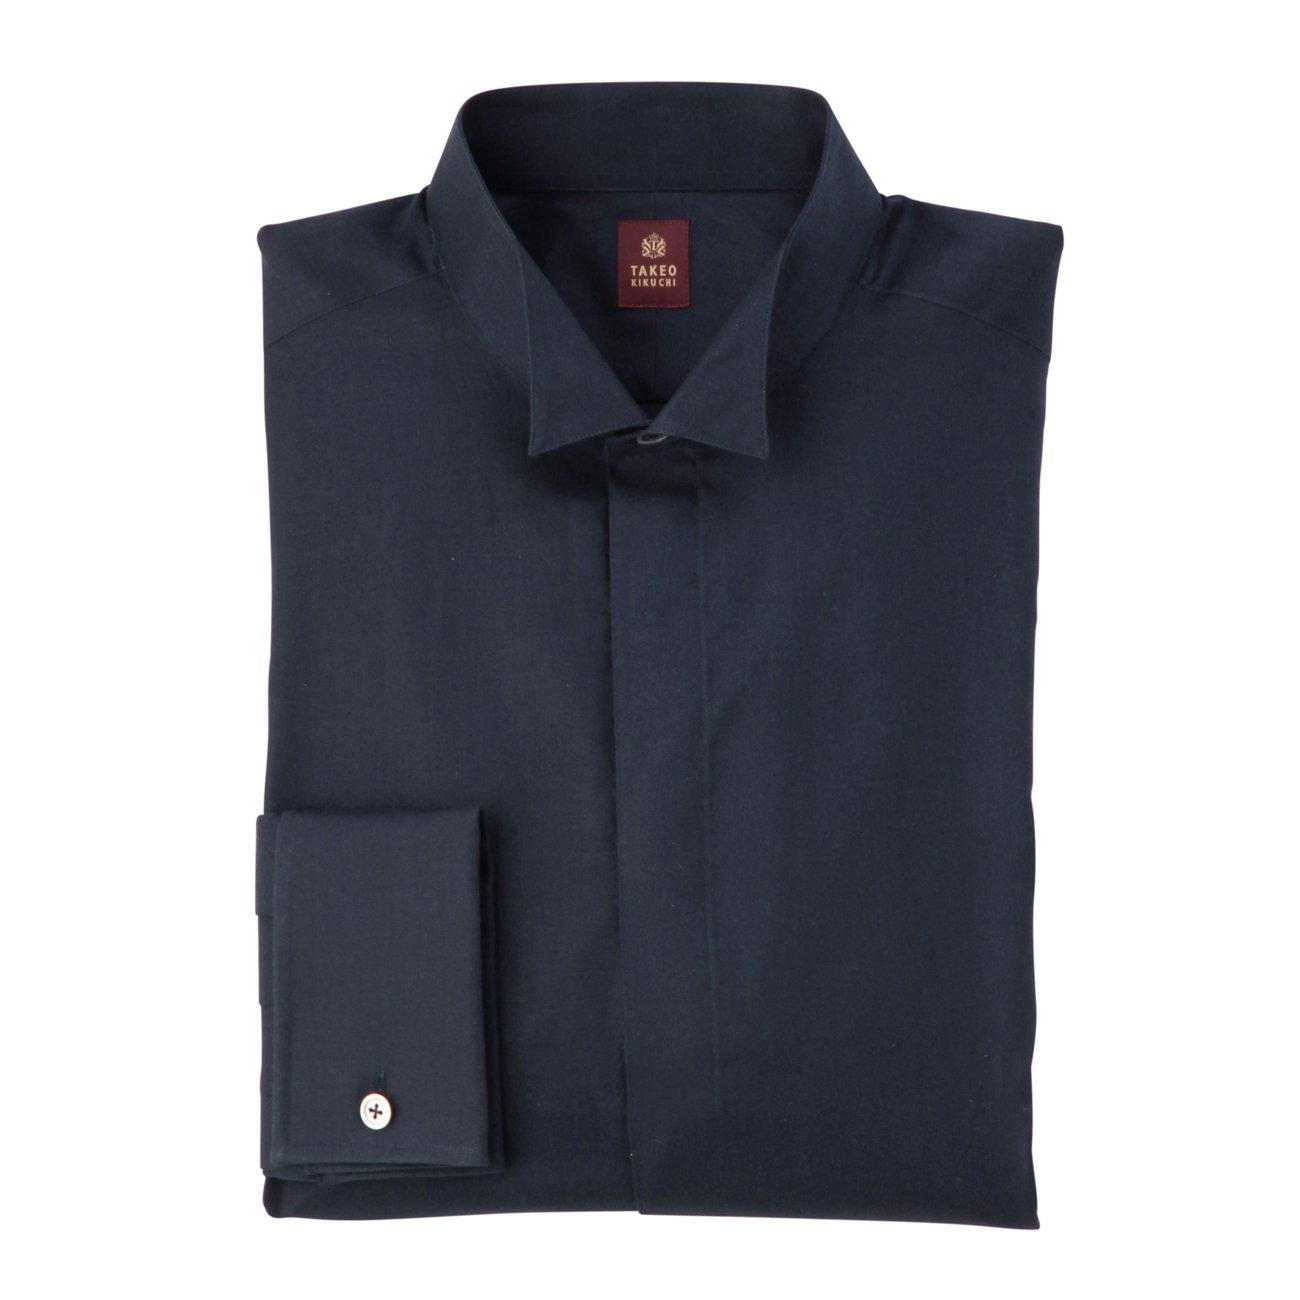 (タケオ キクチ)TAKEO KIKUCHI ツイルドレスシャツ